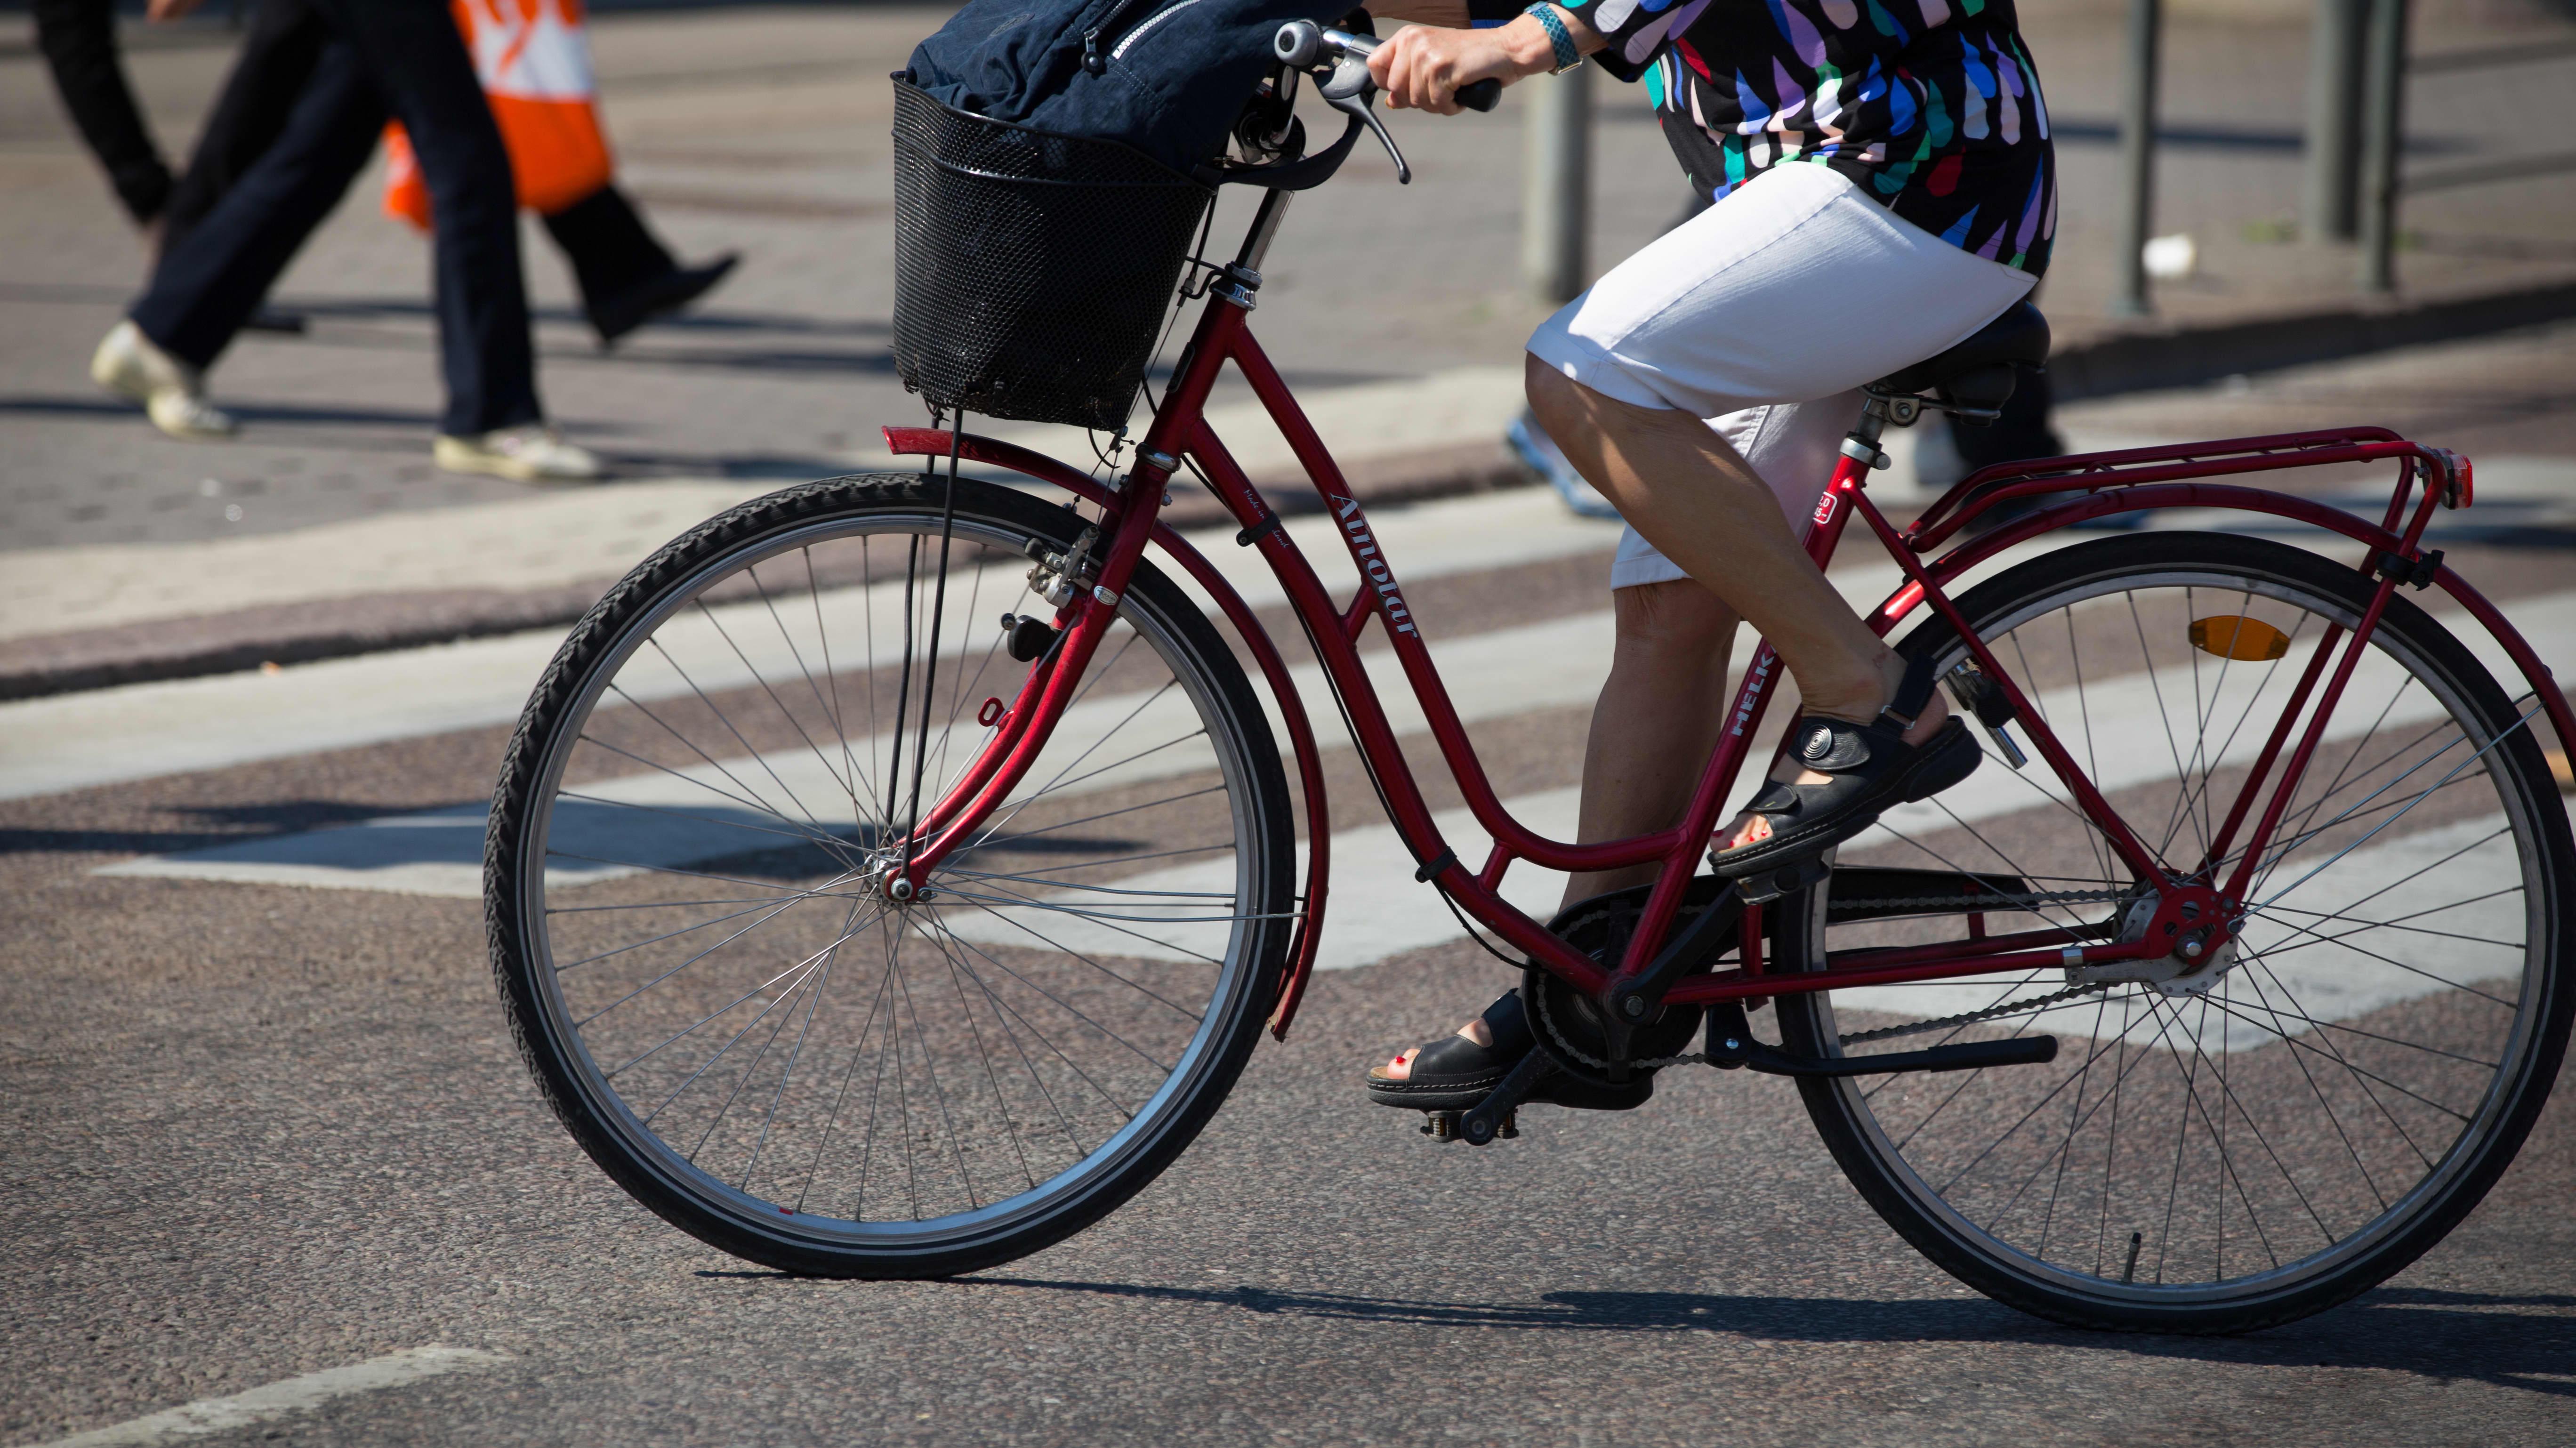 Anonyymi nainen polkee pyörällä kaupungissa kesällä.